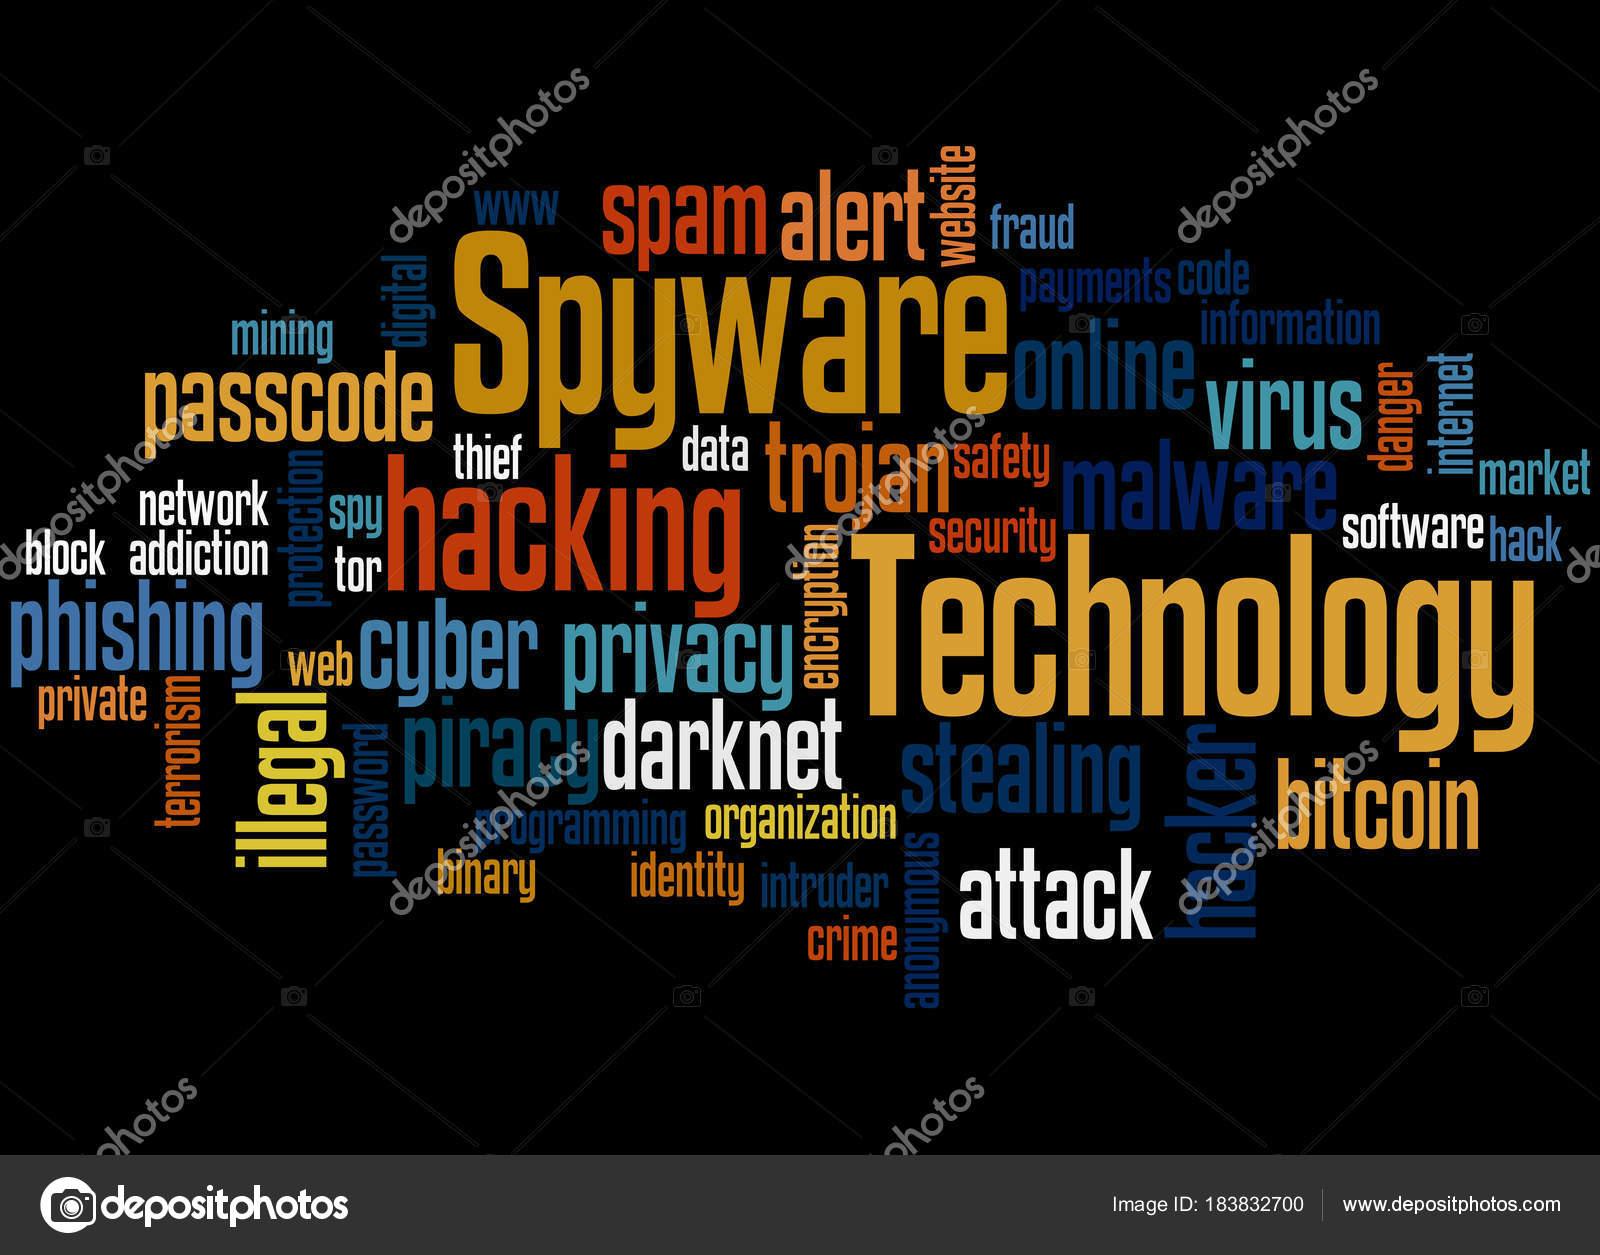 スパイウェア技術単語雲概念 2 ストック写真 kataklinger 183832700